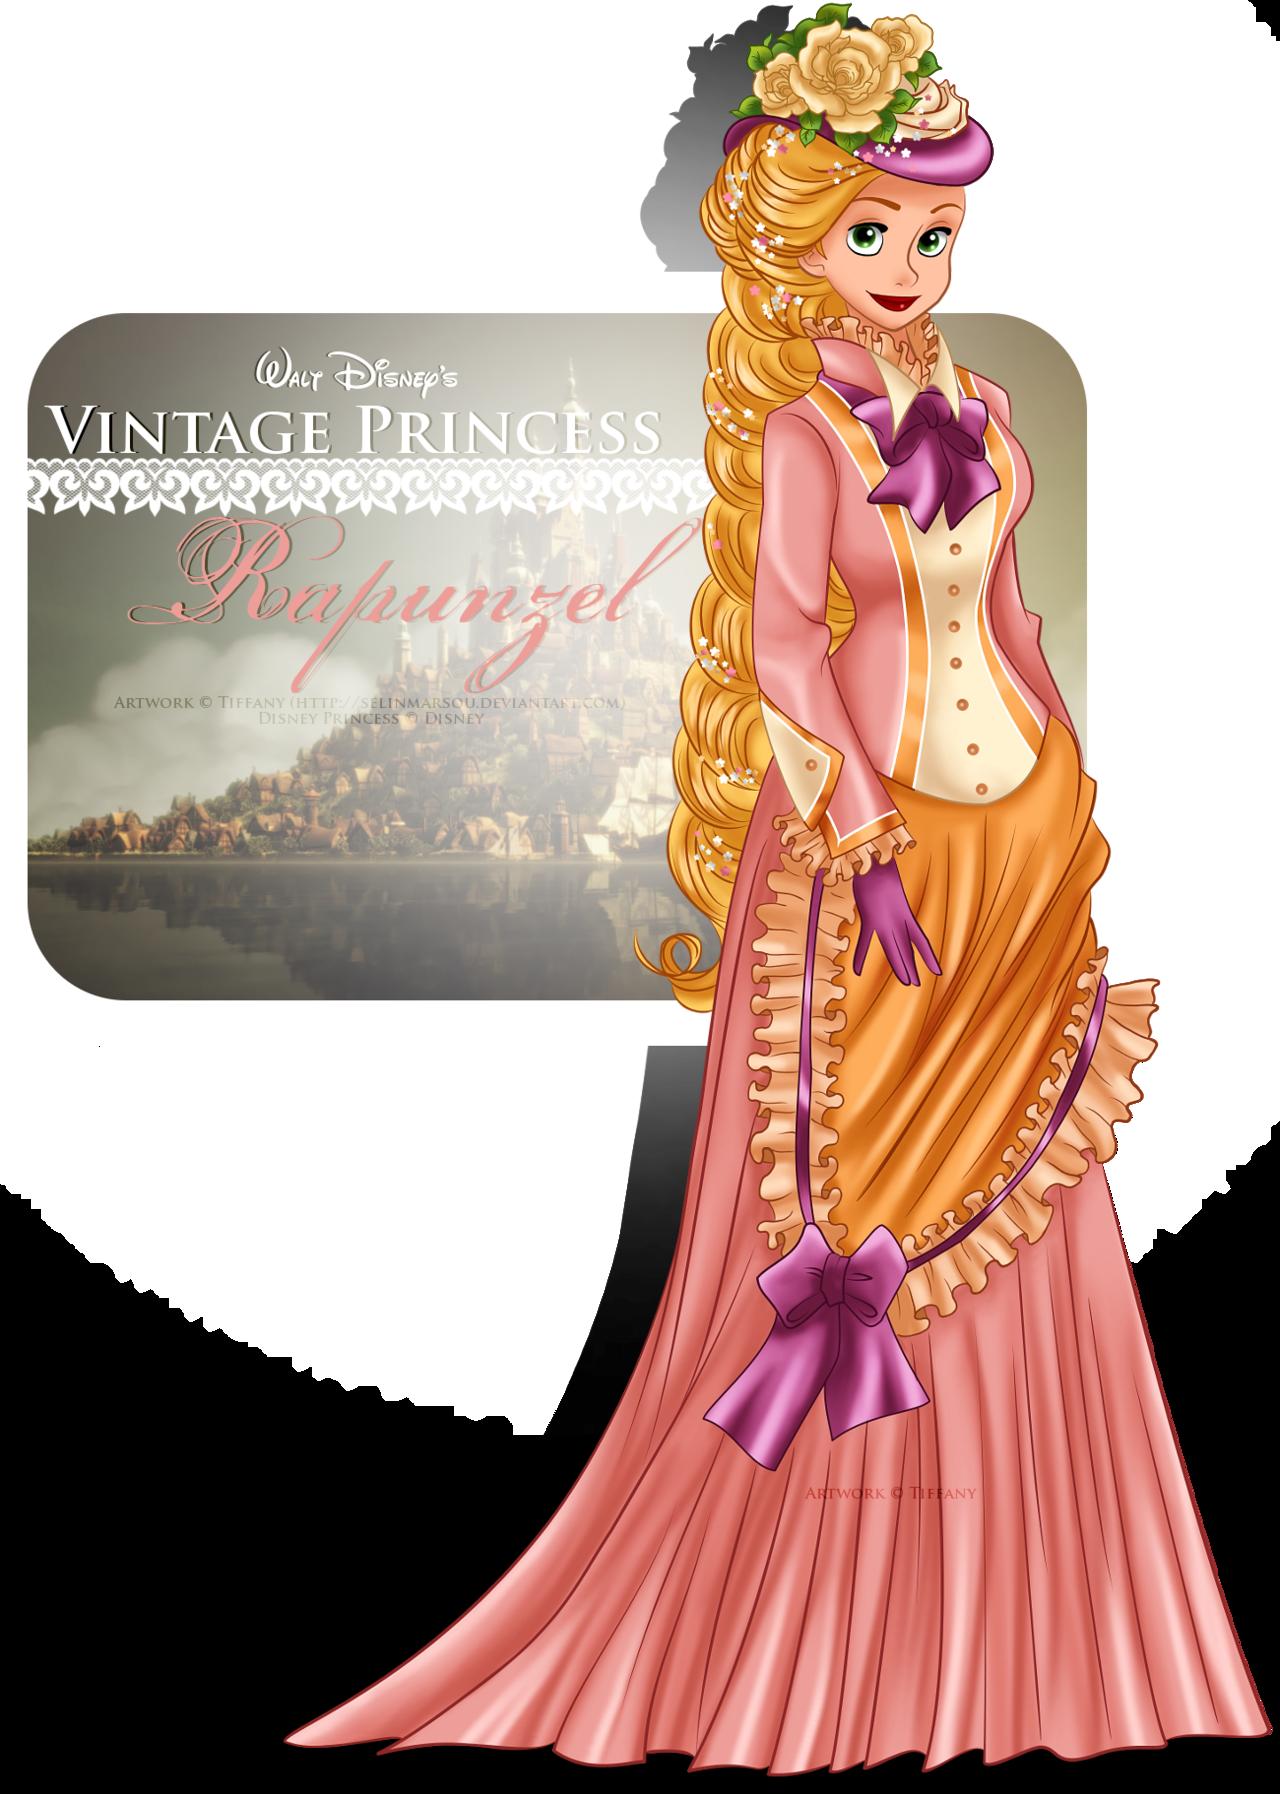 Vintage Princess -Rapunzel by selinmarsou.deviantart.com on @deviantART